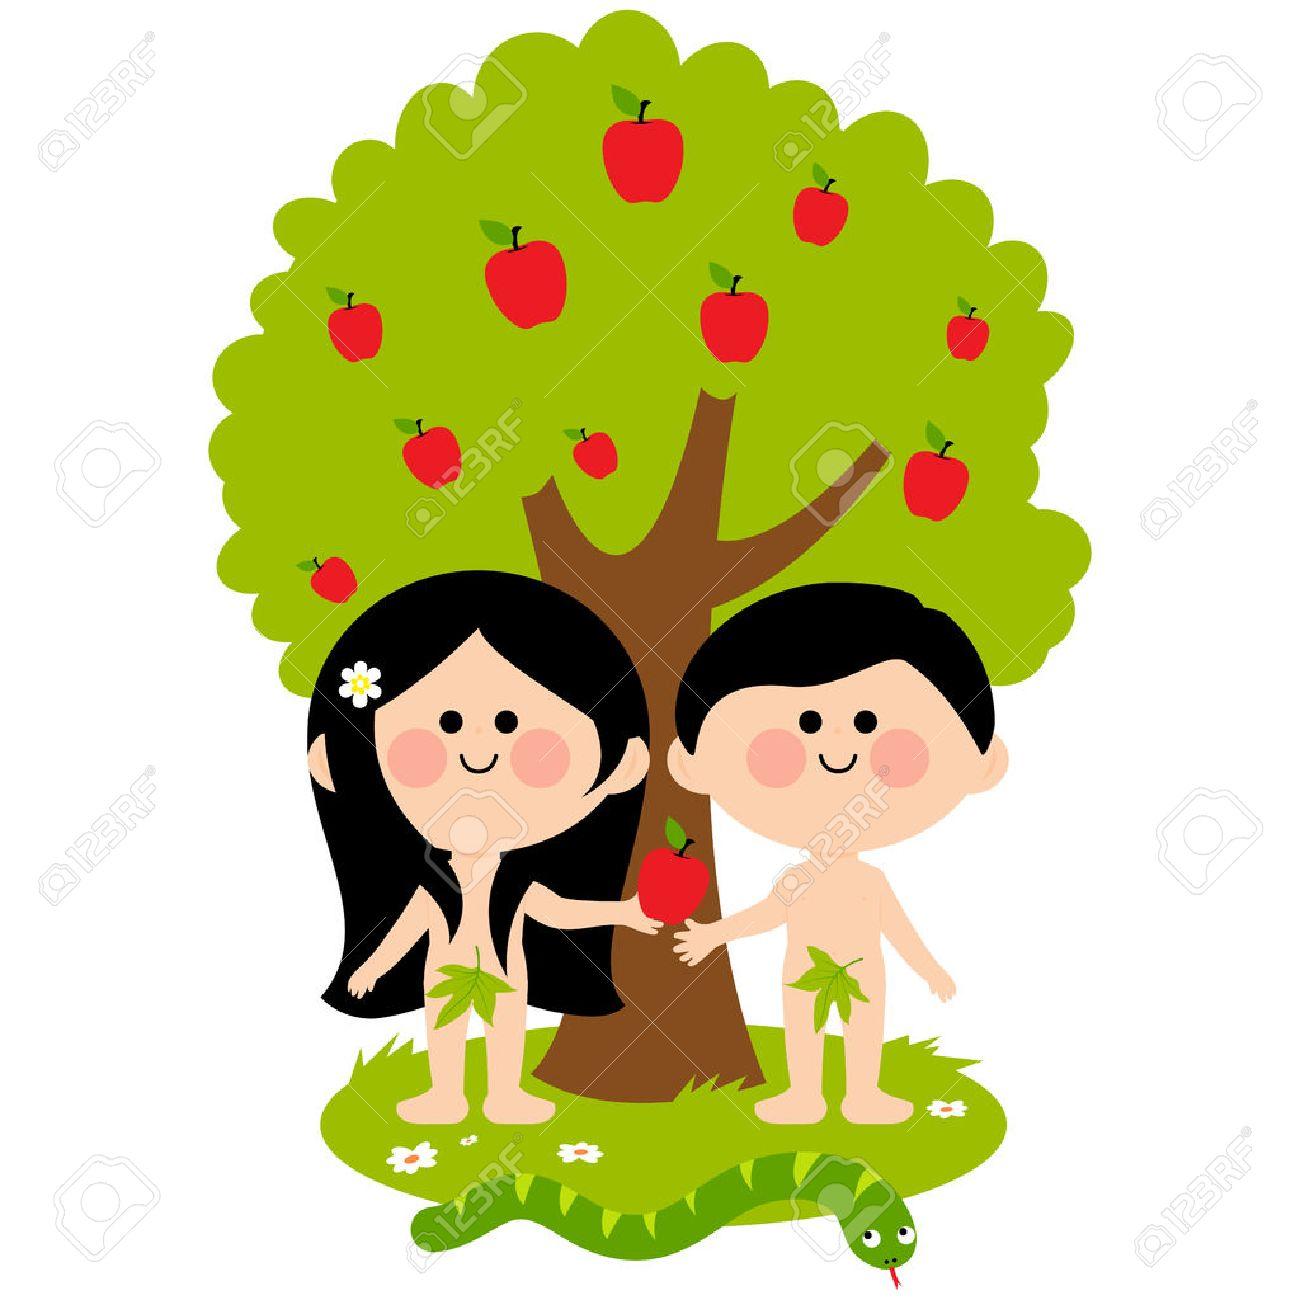 アダムとイヴと蛇リンゴの木の下 イブ アダムを与えるアップル の